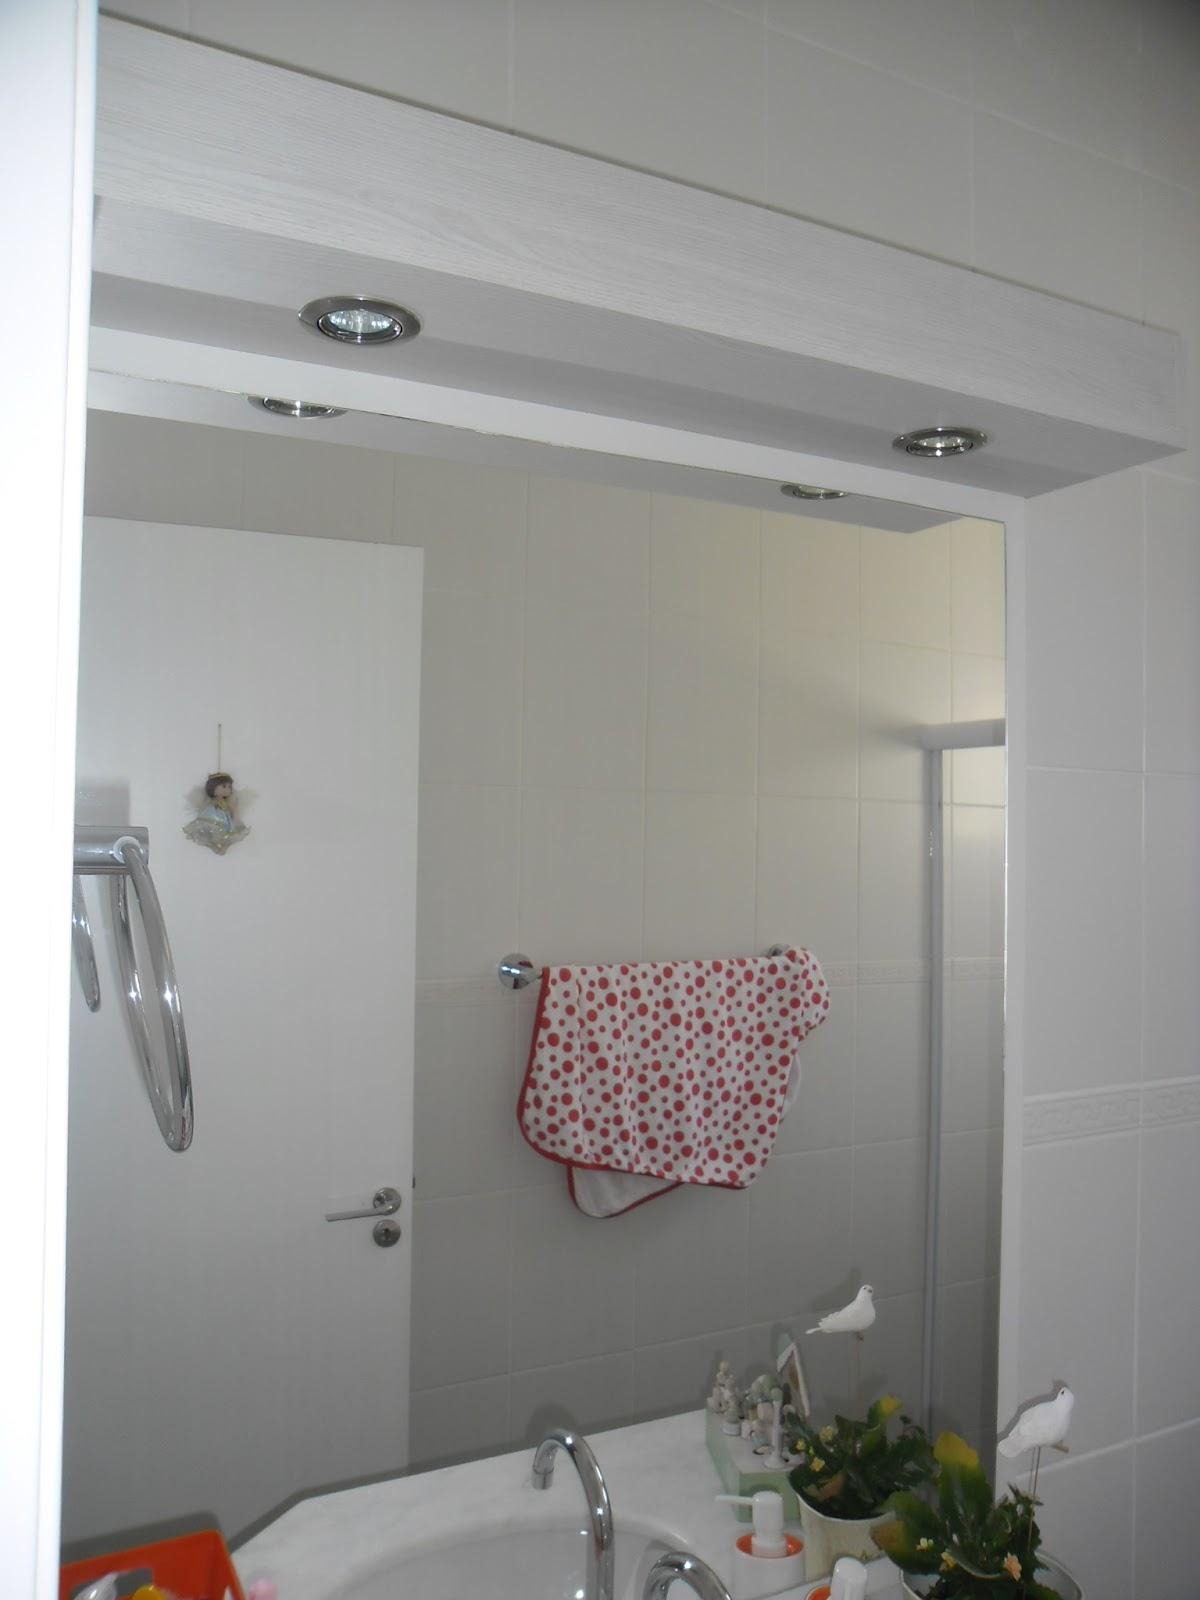 Ilhas de Cozinha & Carrinhos de Cozinha IKEA HD Wallpapers #74382F 1200 1600